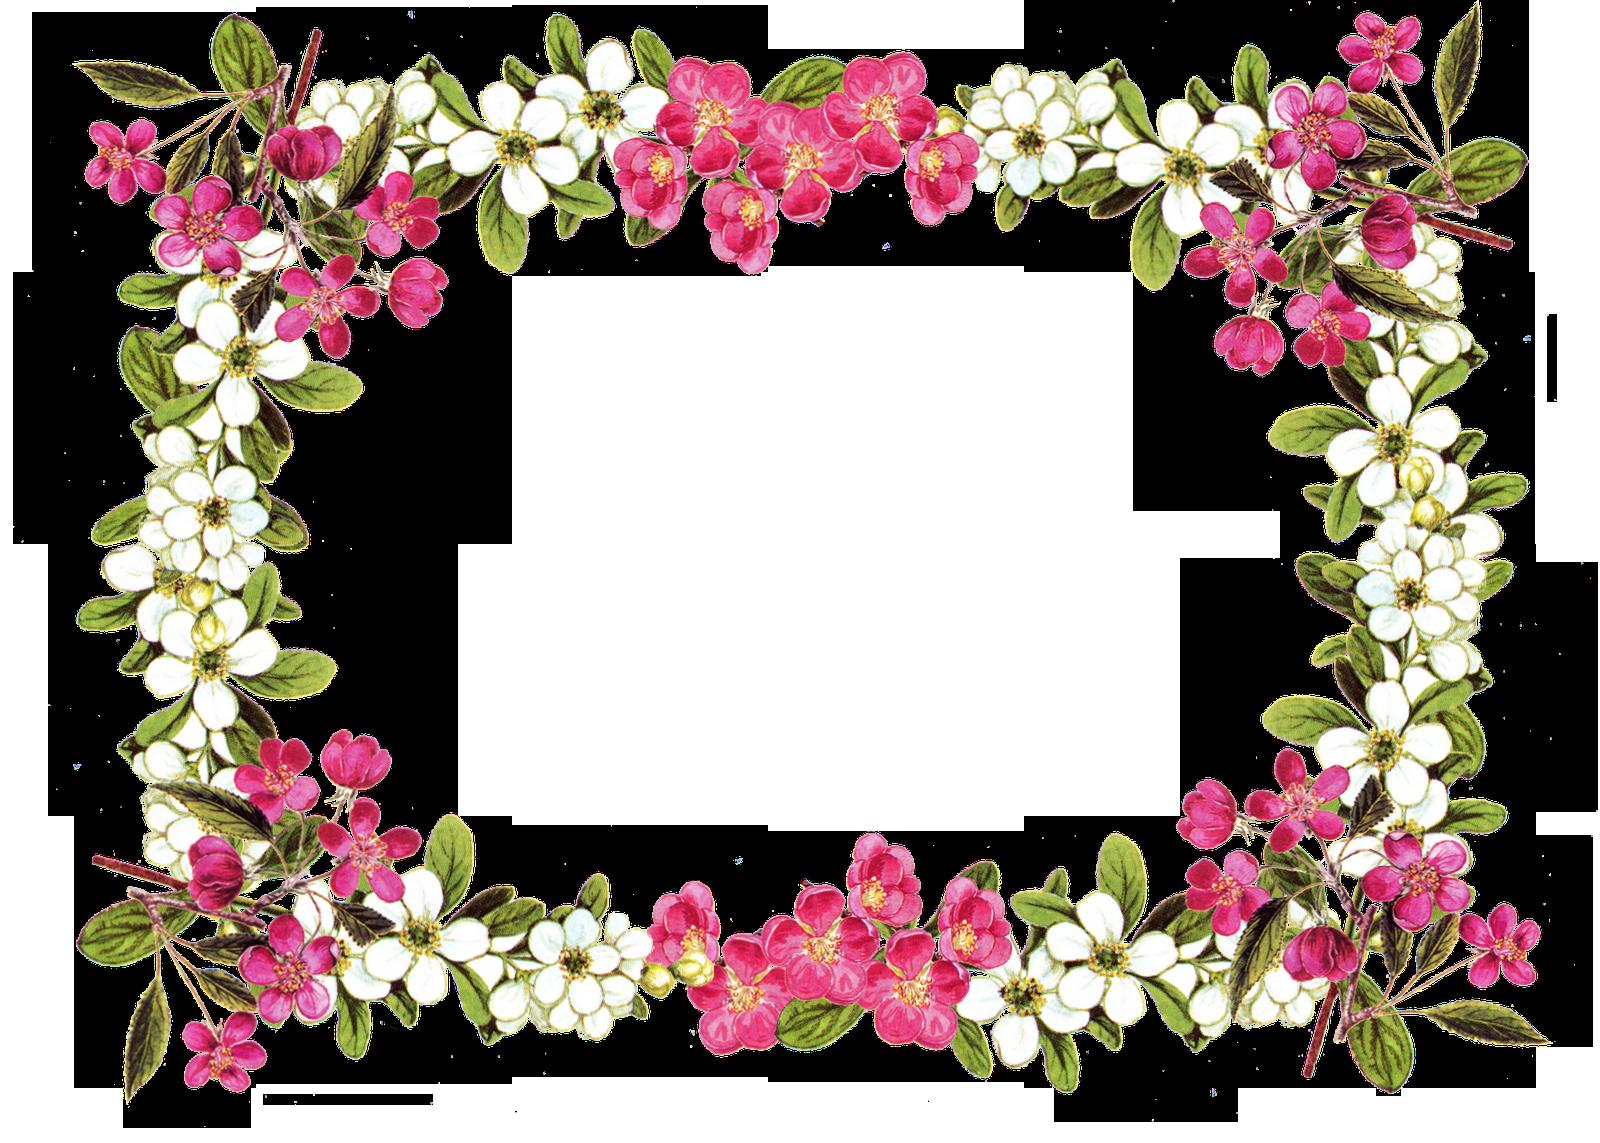 download floral frame image hq png image freepngimg